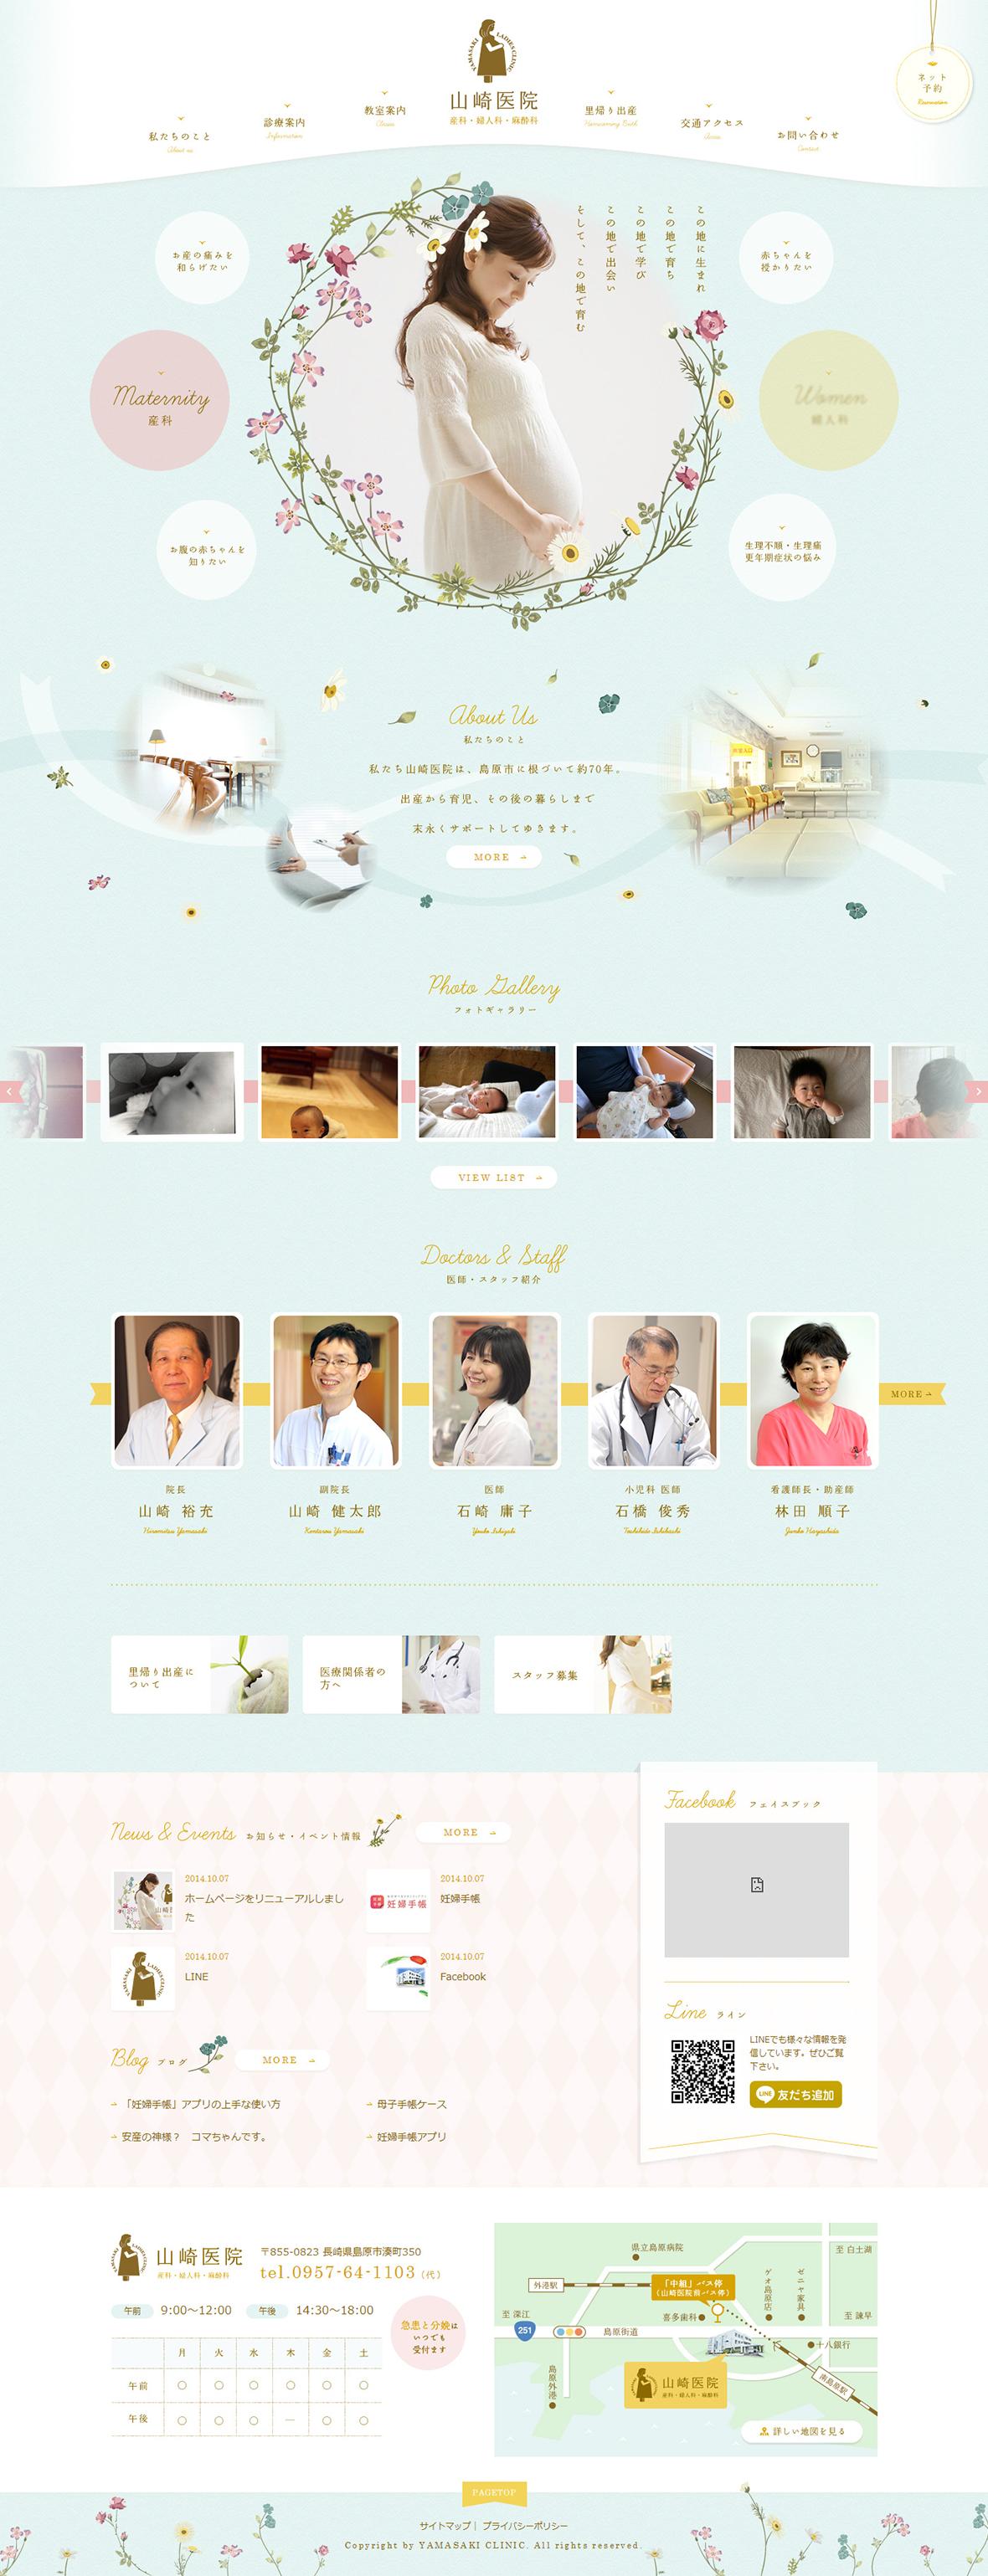 yamasaki-iin-创意,网页设计,创意设计,创意网站,字体设计,创意作品,设计作品,网站欣赏,优,ui设计,设计,设计师,平面设计,设计导航,电商设计,动漫设计,三维设计,平面设计